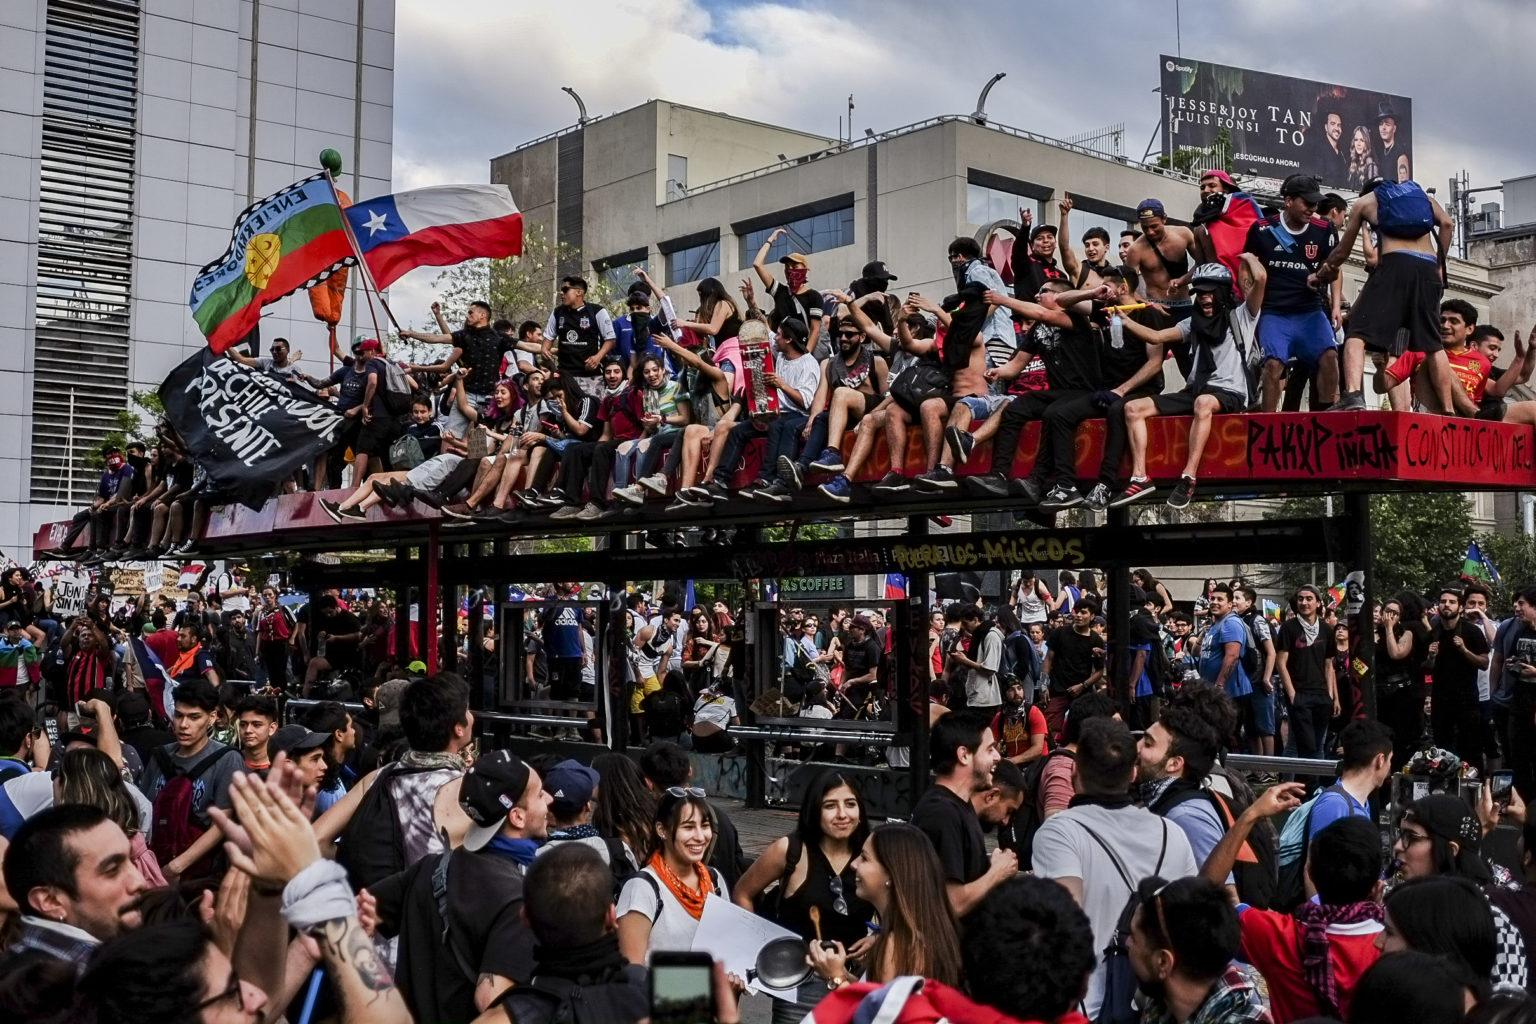 Os rumos esperados para o Chile após a criação da nova Constituição